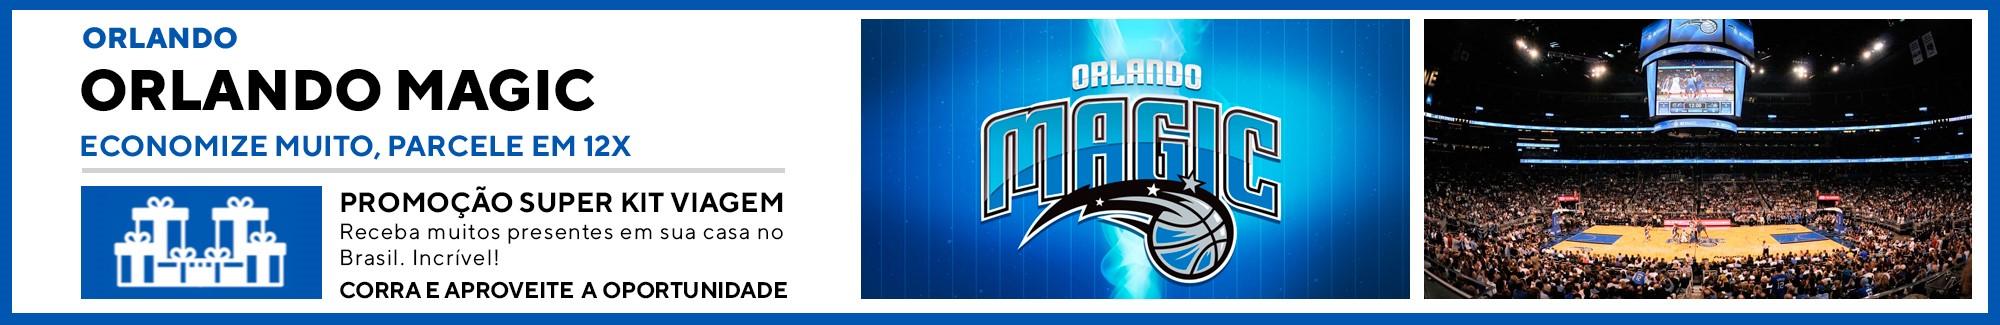 Orlando Magic Outubro 2019